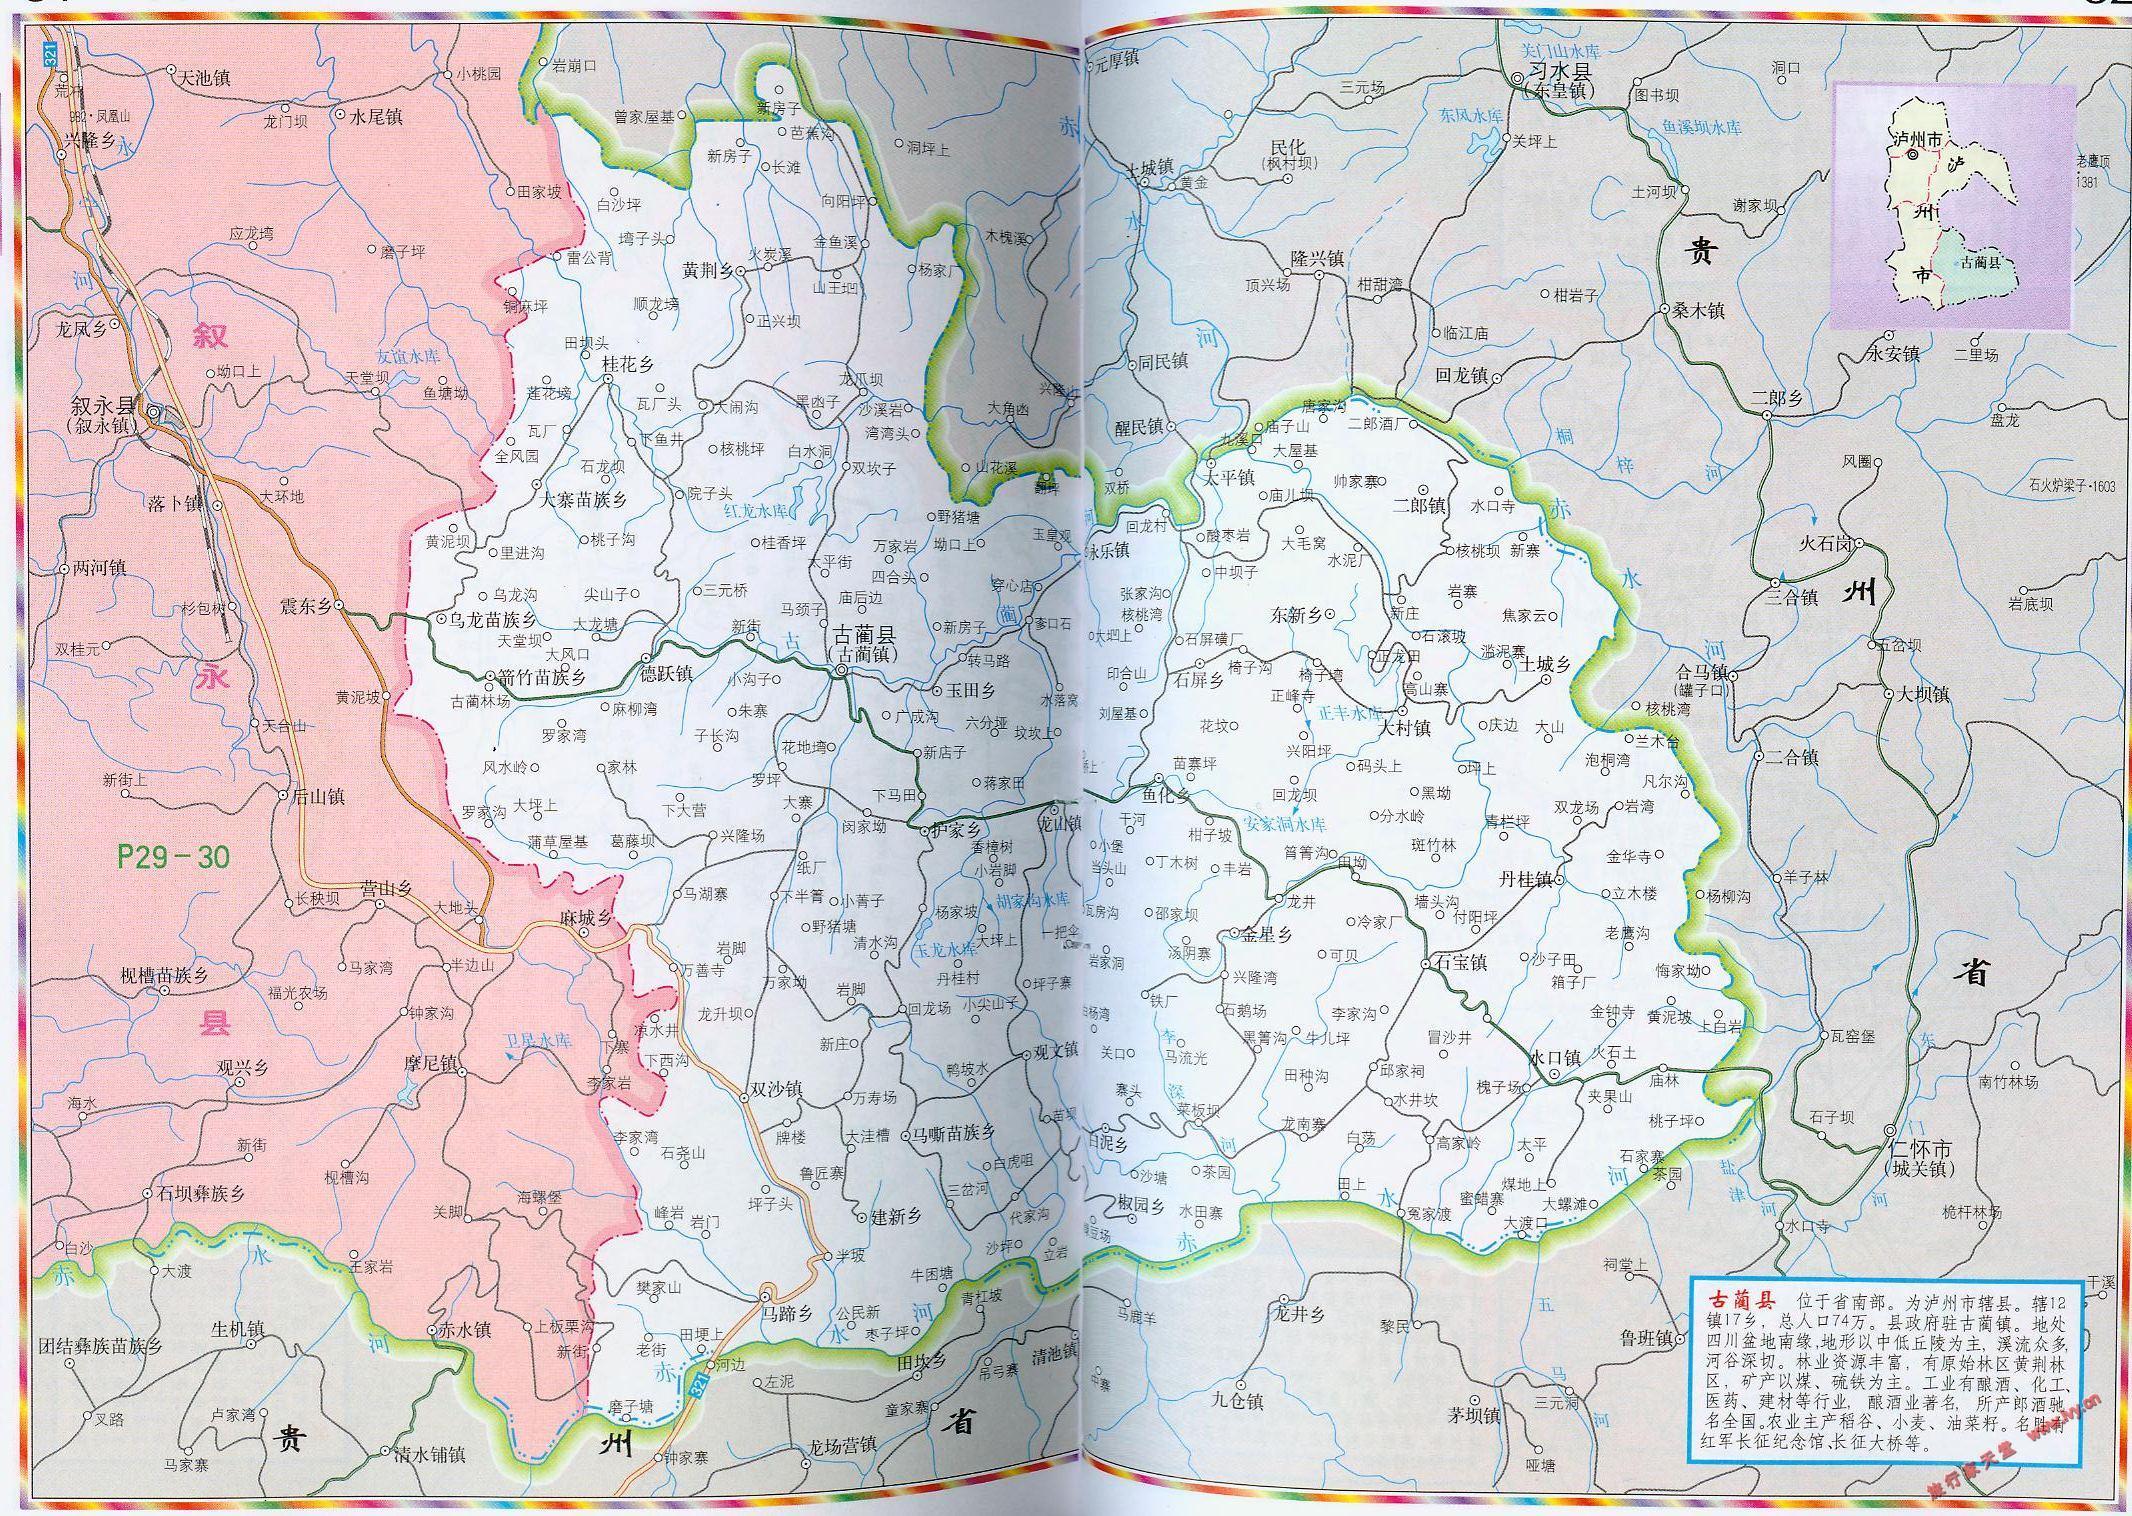 古蔺县地图_泸州地图查询